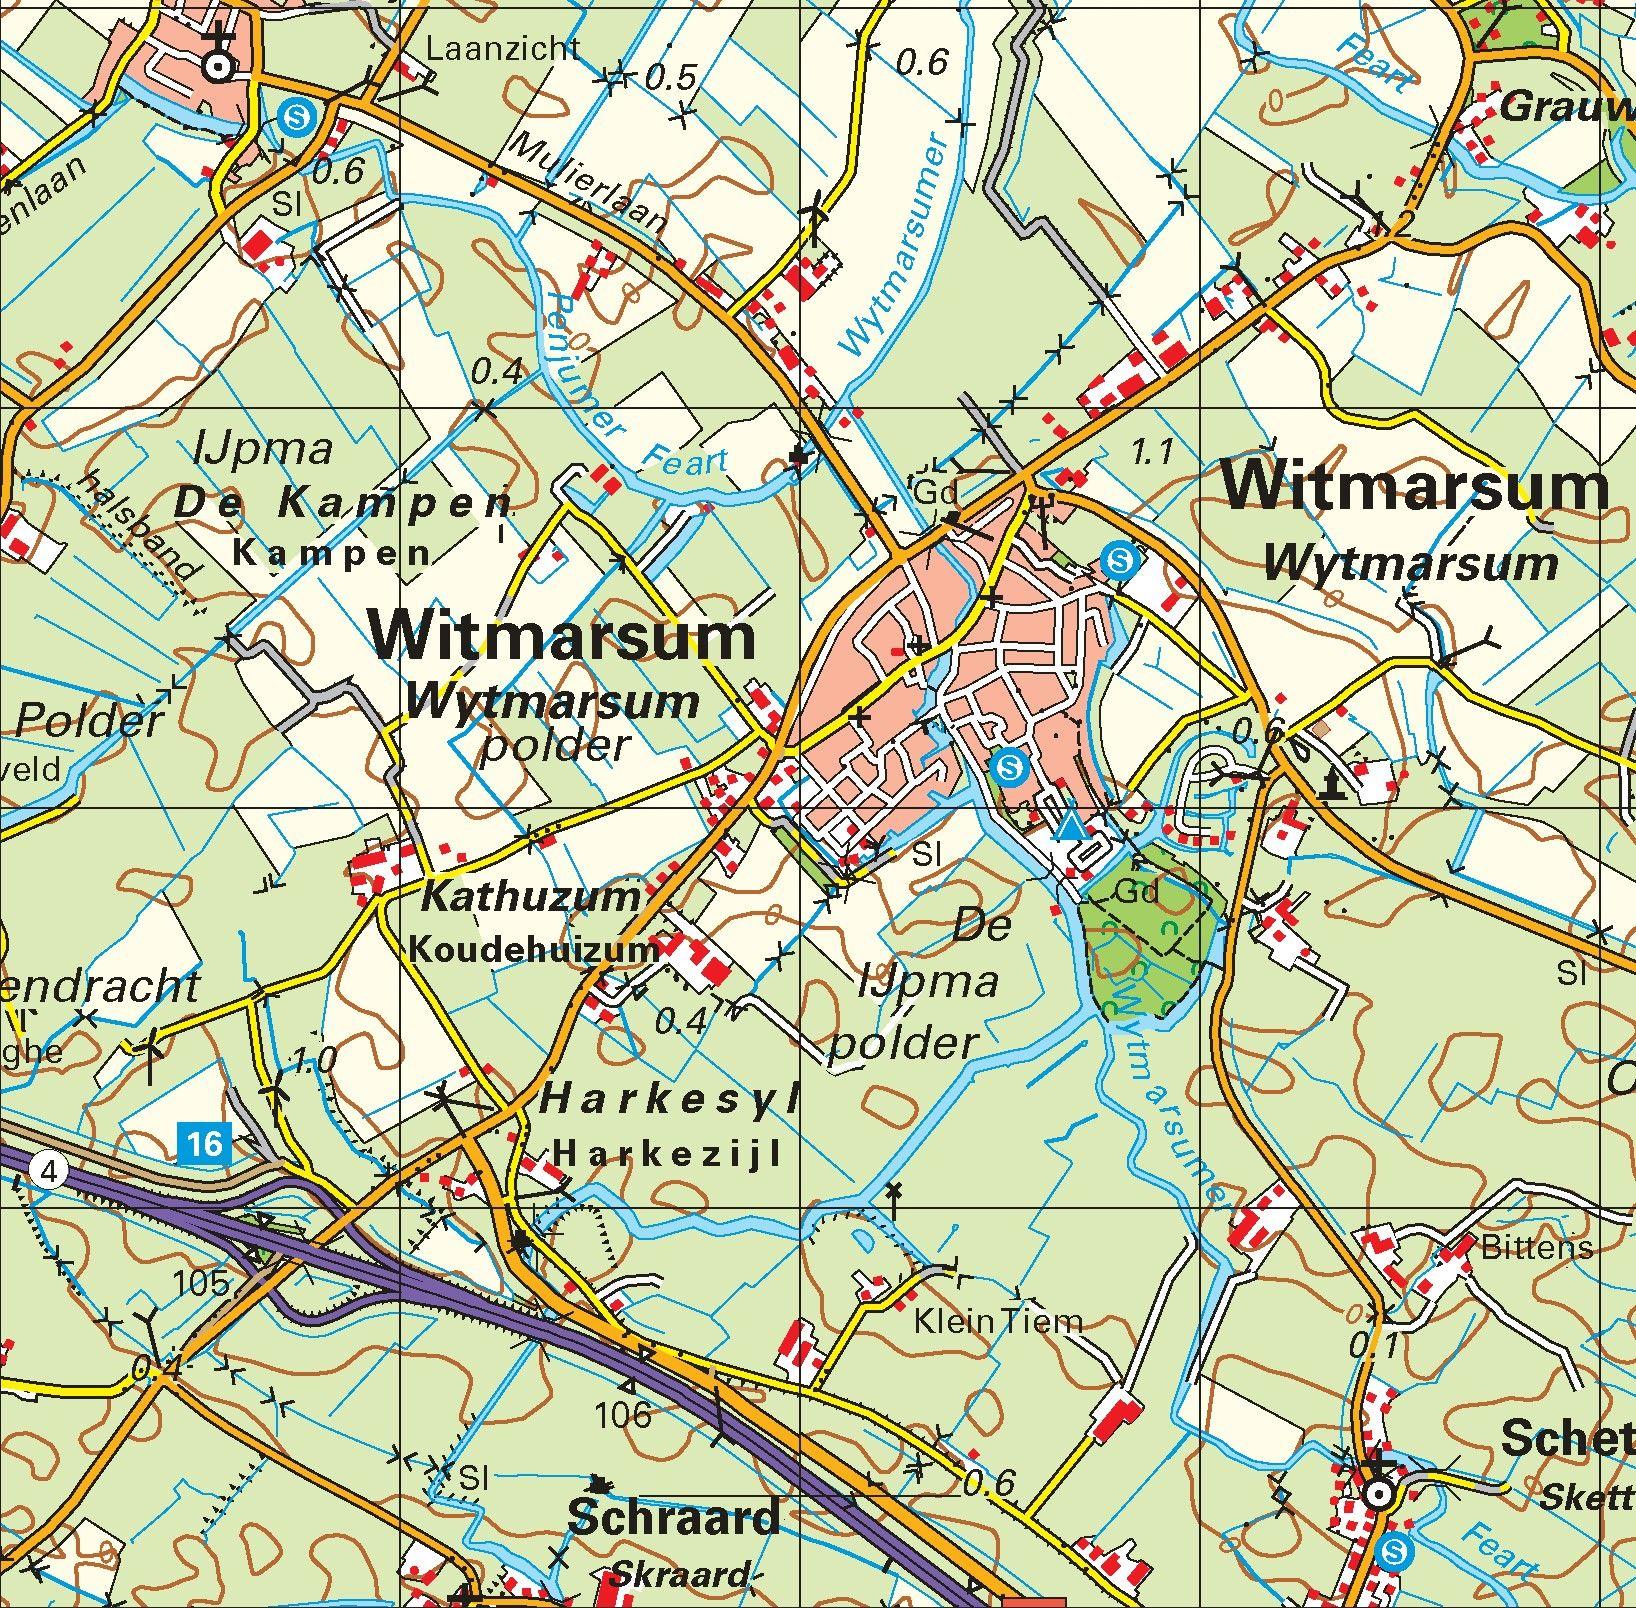 Topografische kaart schaal 1:50.000 (Harlingen , Bolsward,  Sneek)